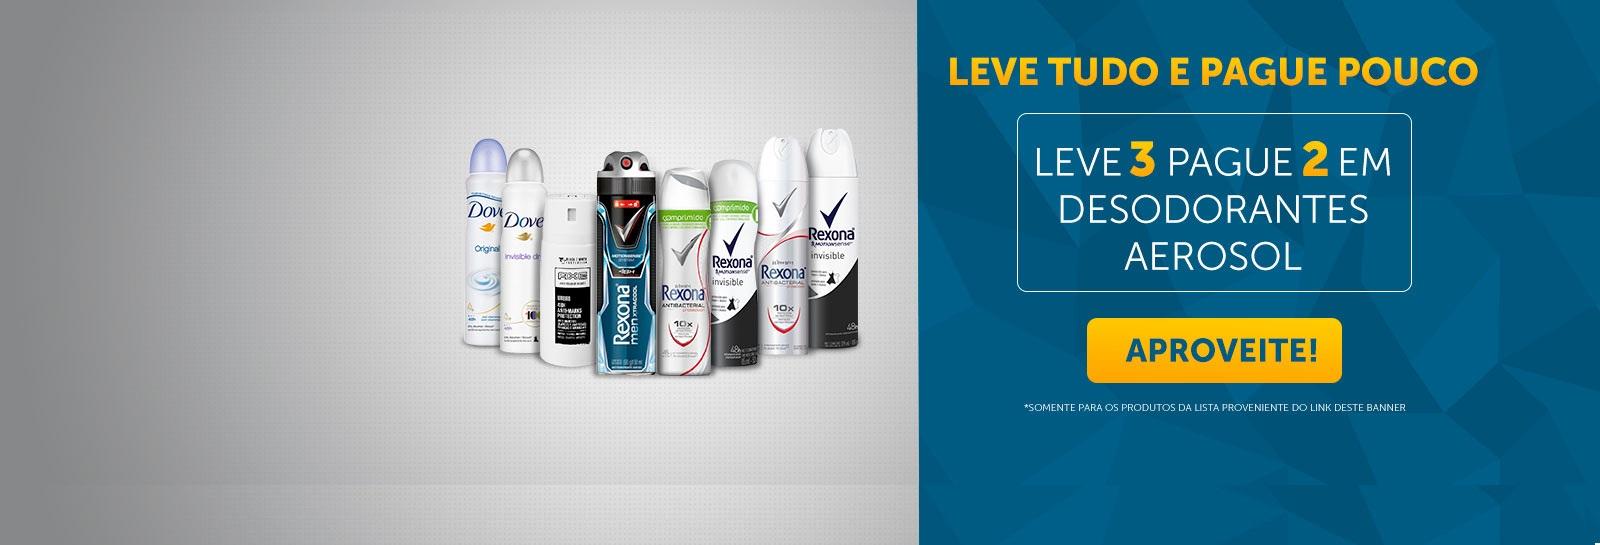 lmpm desodorante unilever